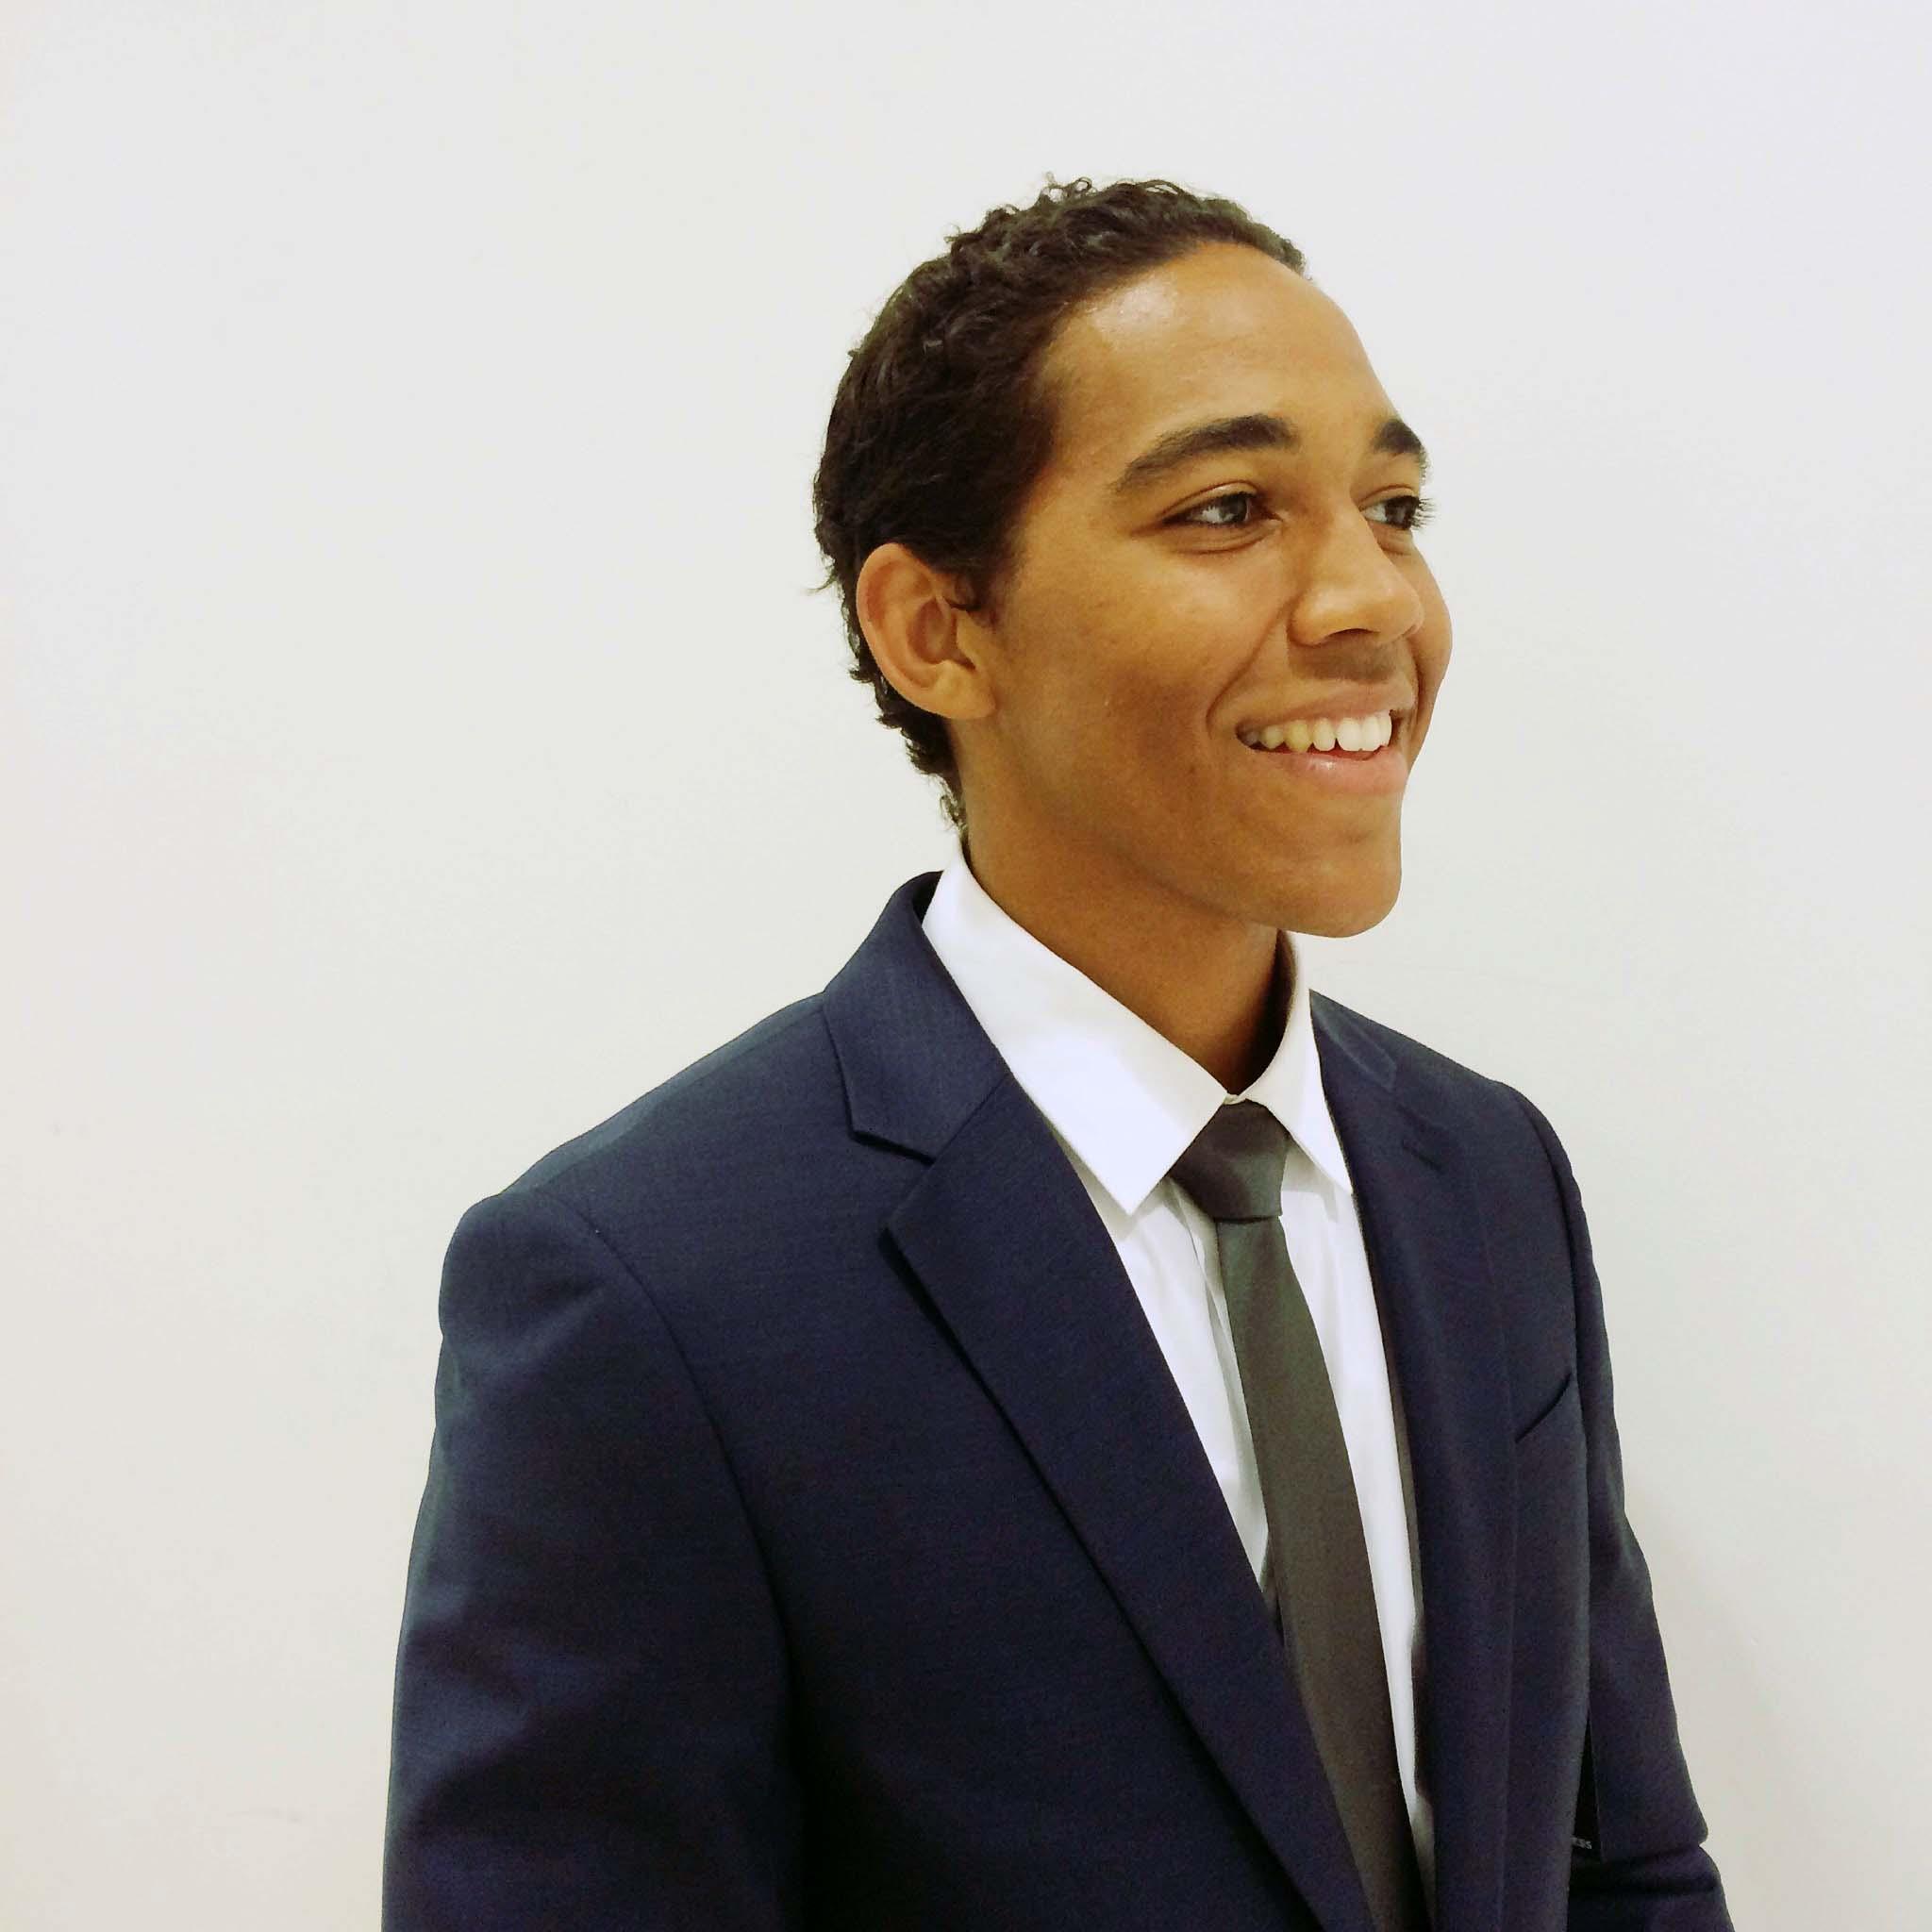 Demetrius Cooper